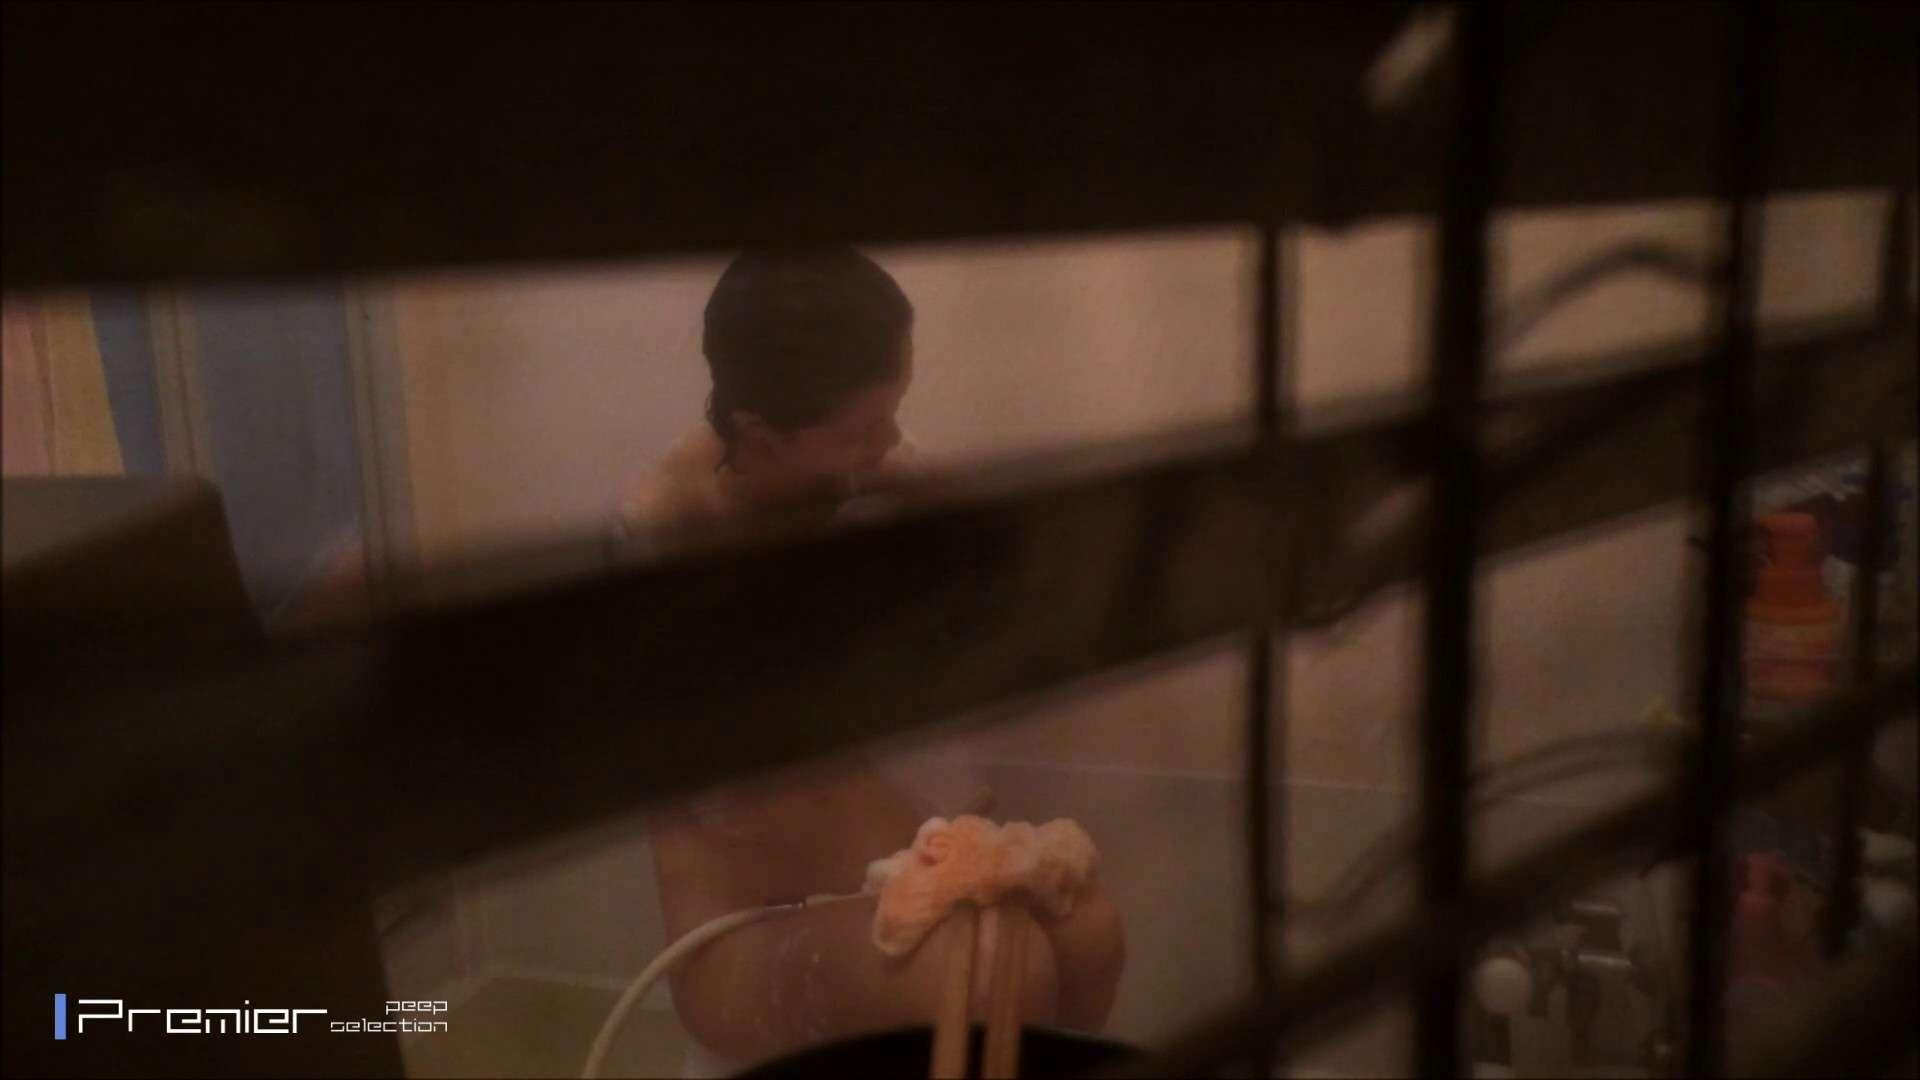 高画質フルハイビジョン スレンダー美女の入浴 乙女の風呂場 Vol.04 OLハメ撮り  94Pix 59